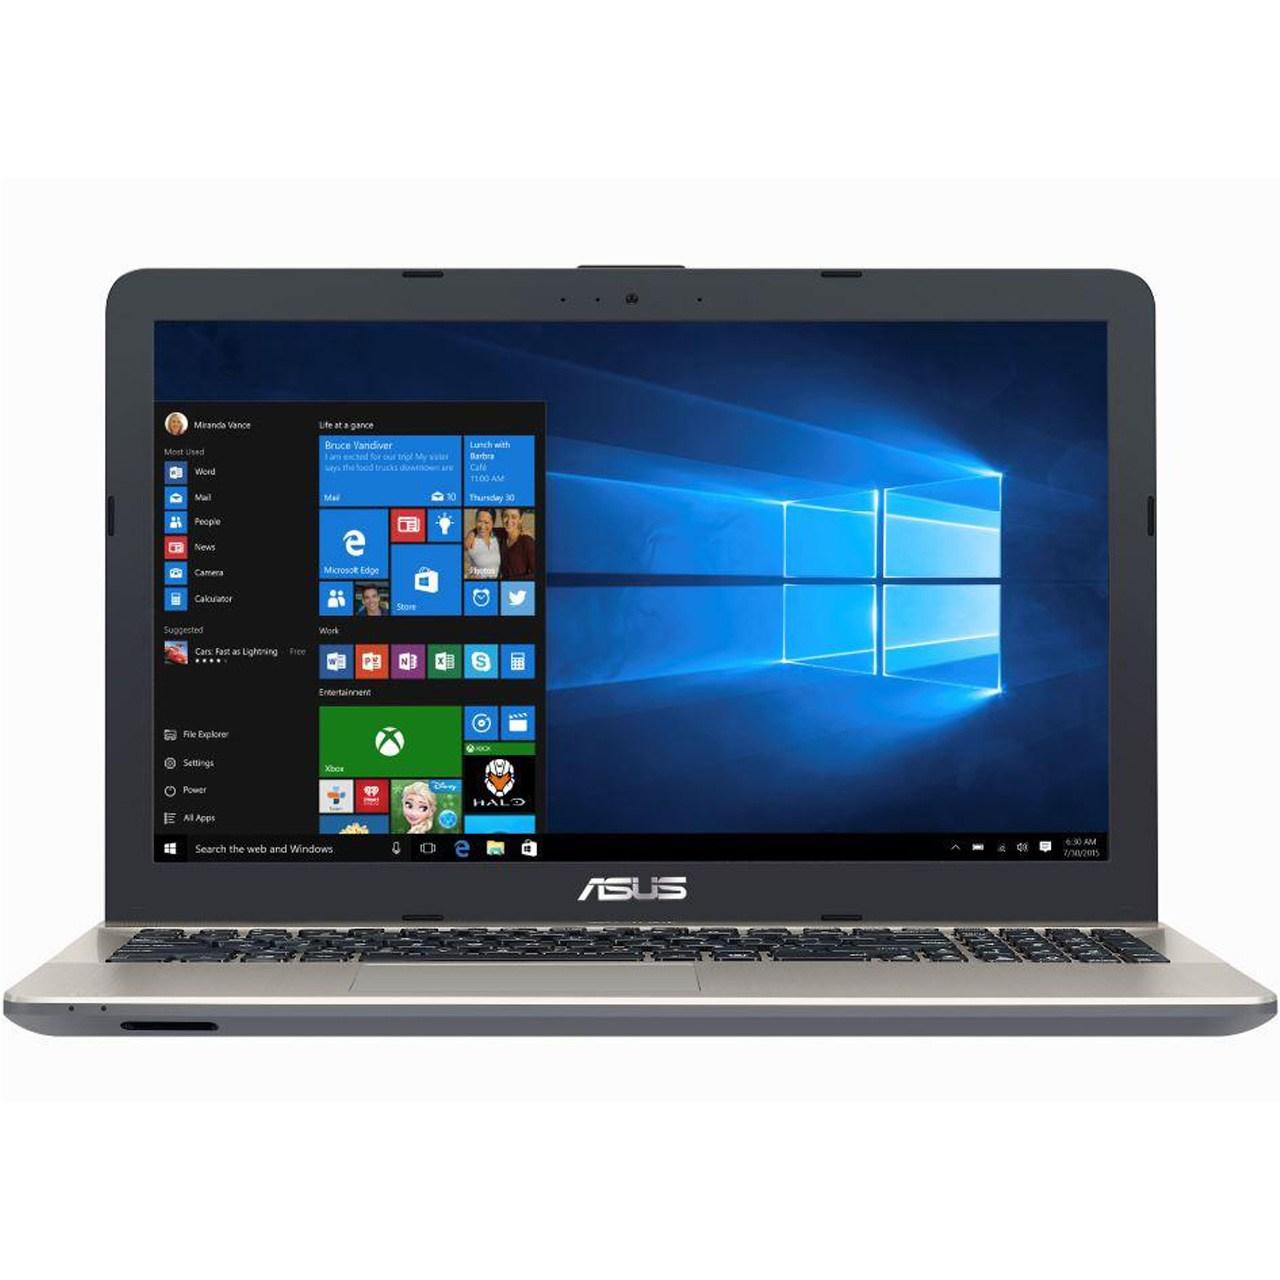 لپ تاپ 15 اینچی ایسوس مدل  ASUS VivoBook Max X541UA - C